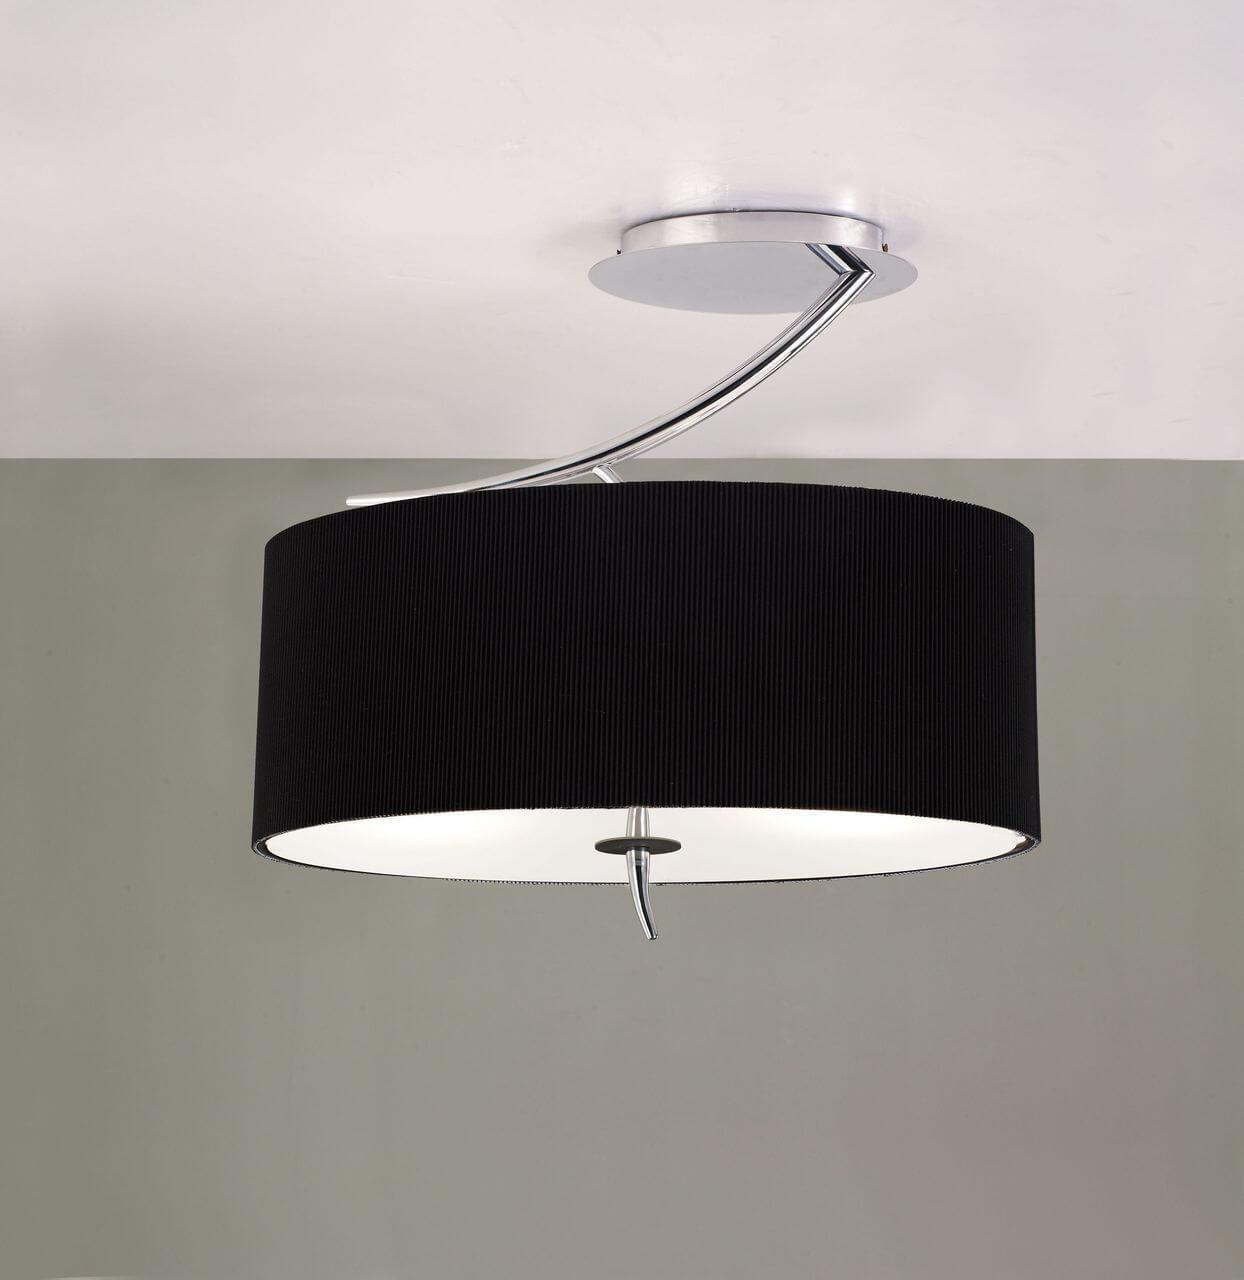 Потолочный светильник Mantra 1172, E27, 20 Вт mantra потолочный светильник mantra mistral 3806